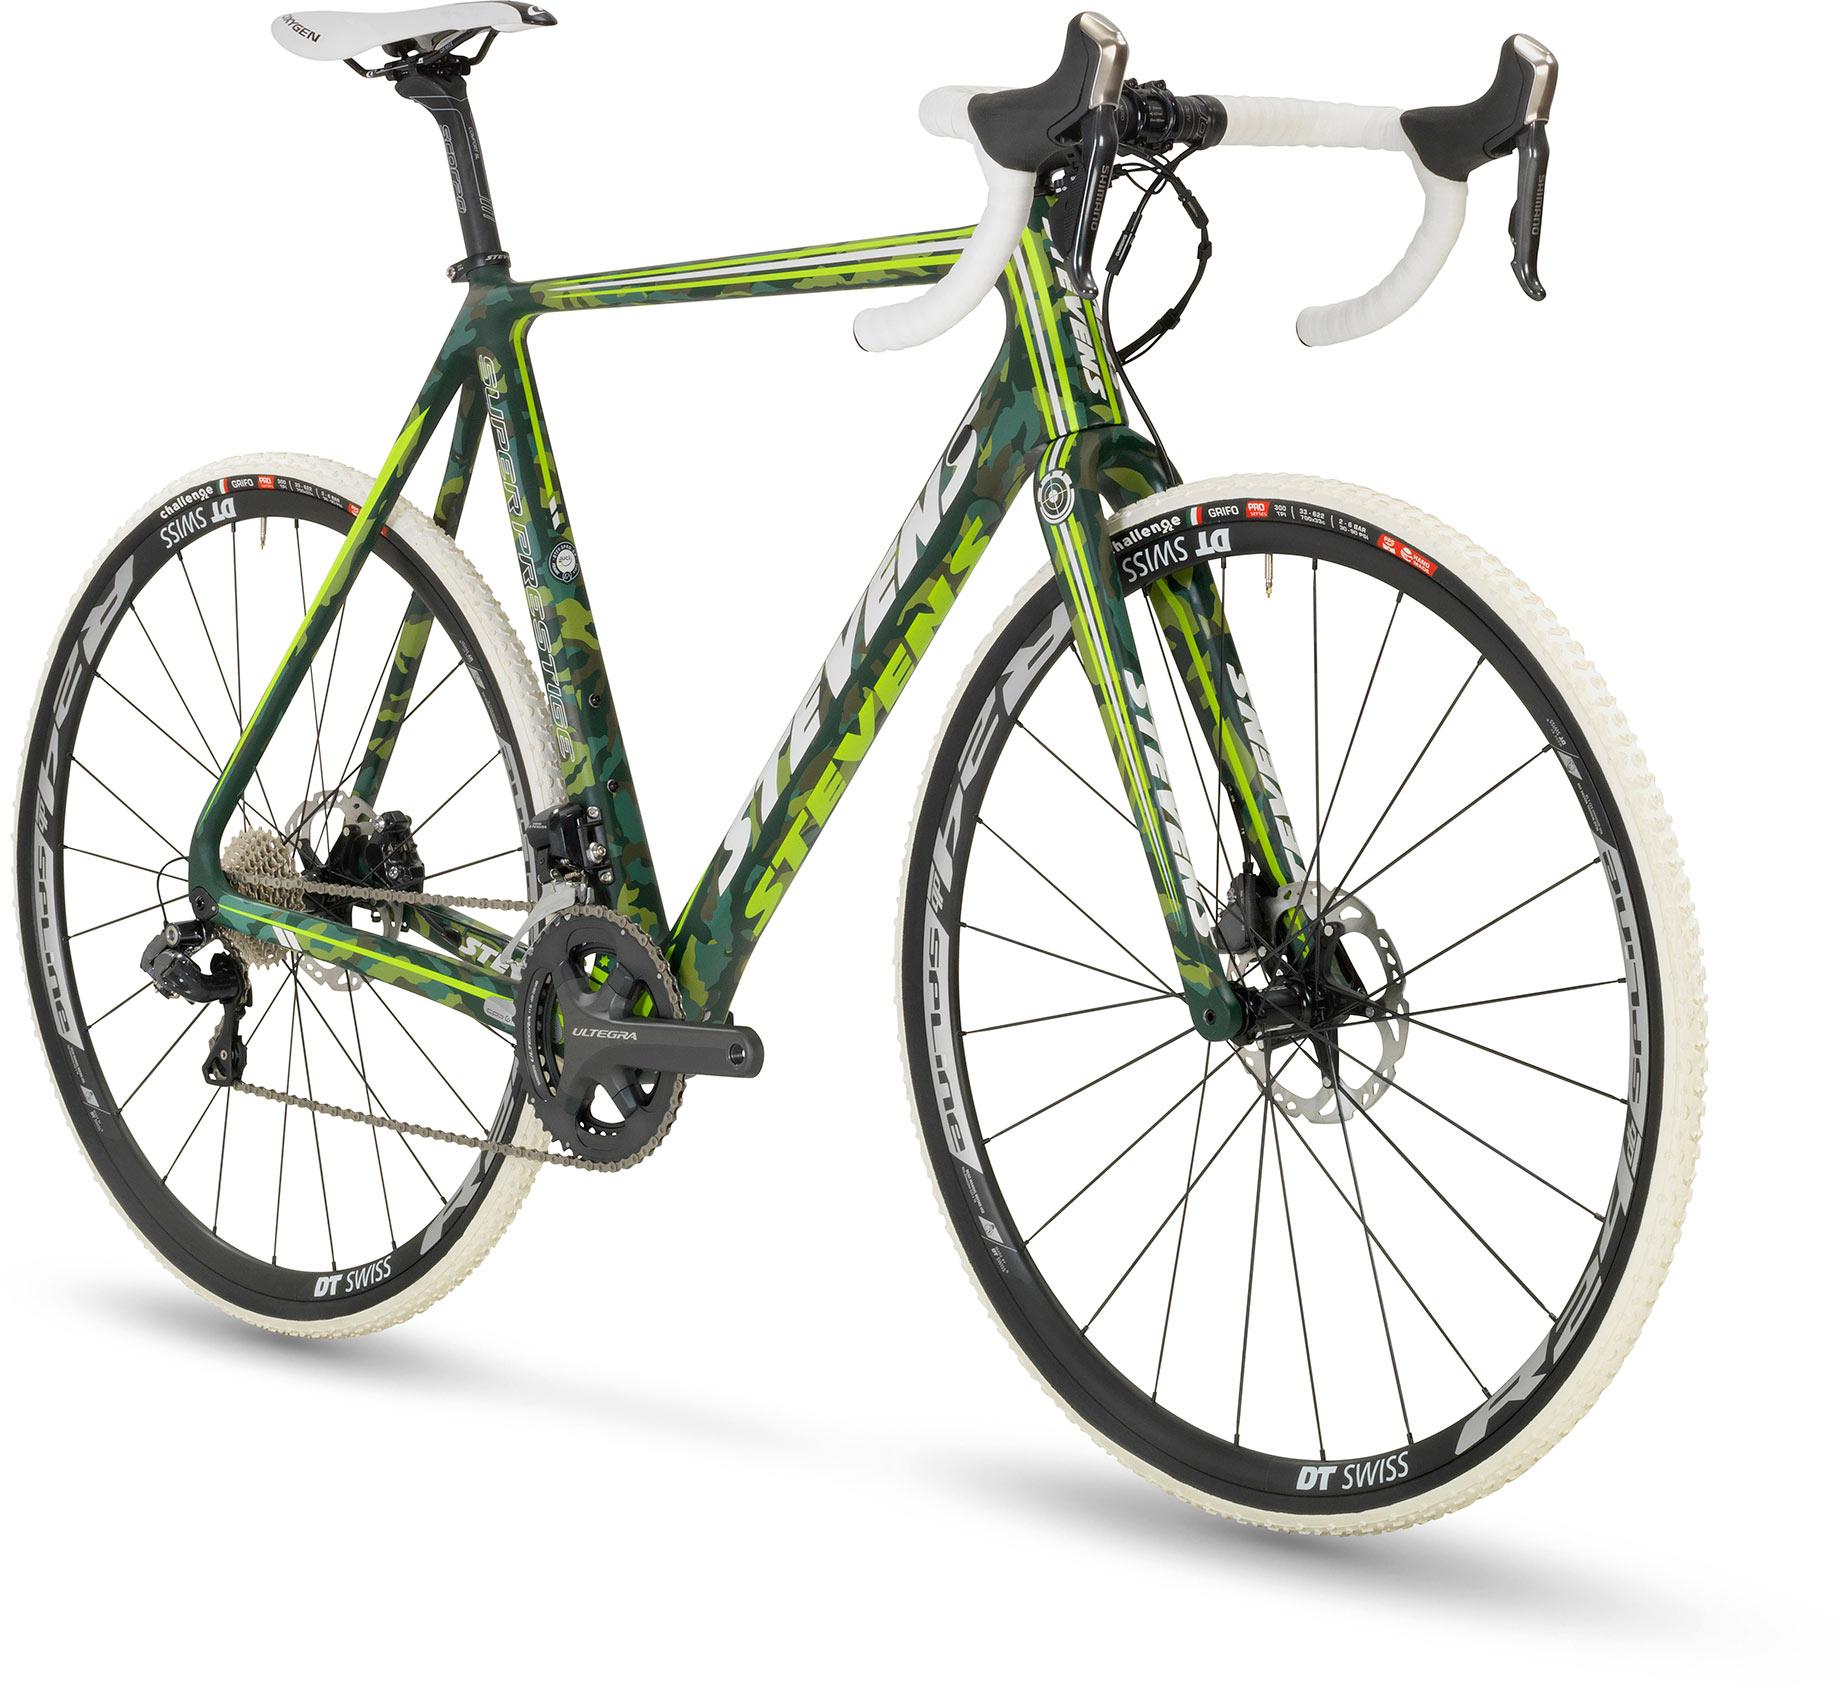 Super Prestige Disc Di2 - Stevens Bikes 2017